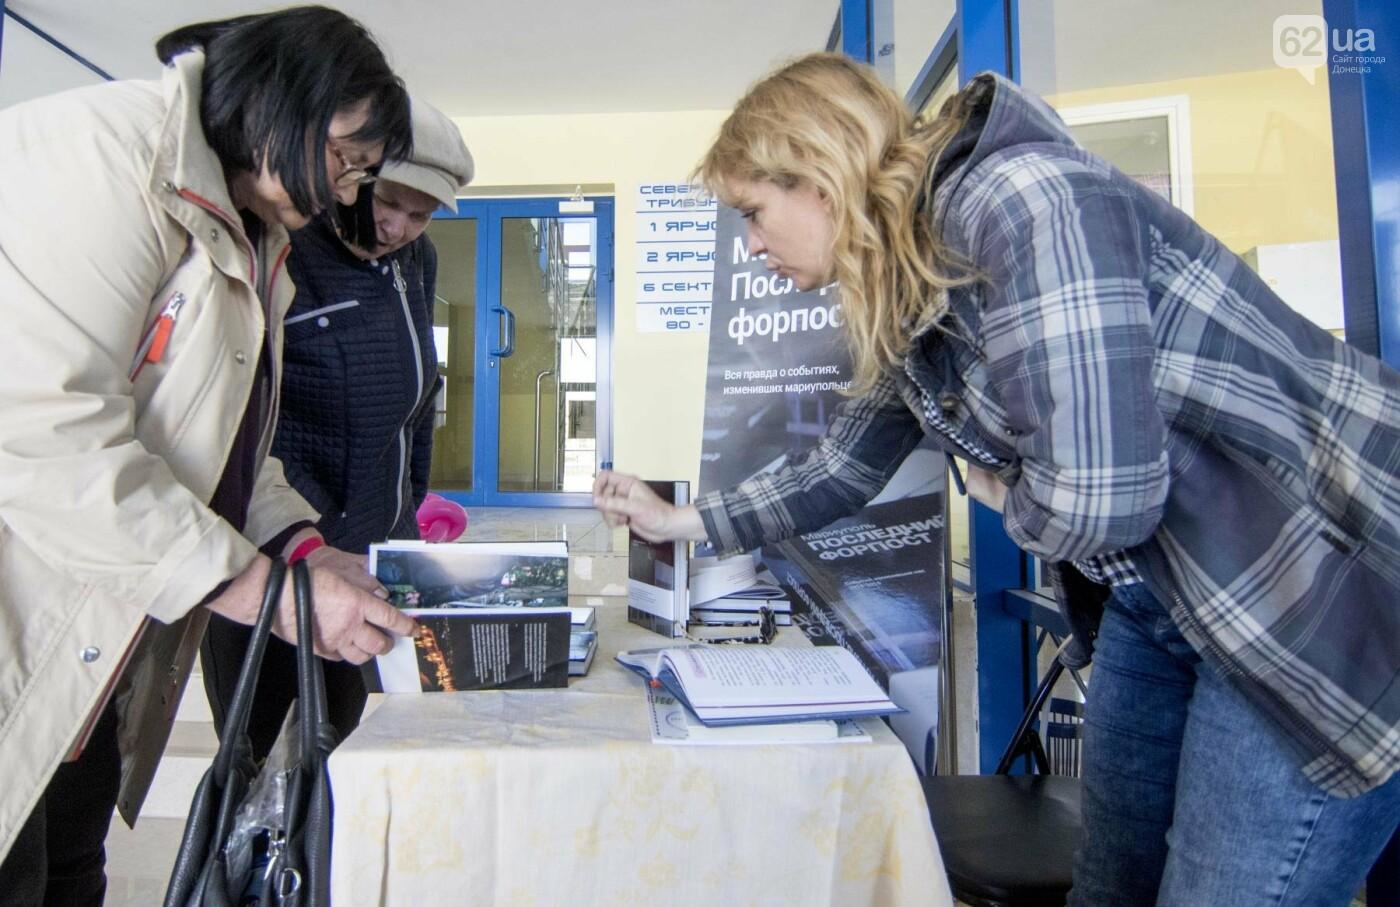 Толклась толока. Фоторепортаж с первого международного книжного фестиваля в Мариуполе (ФОТО+ВИДЕО), фото-15